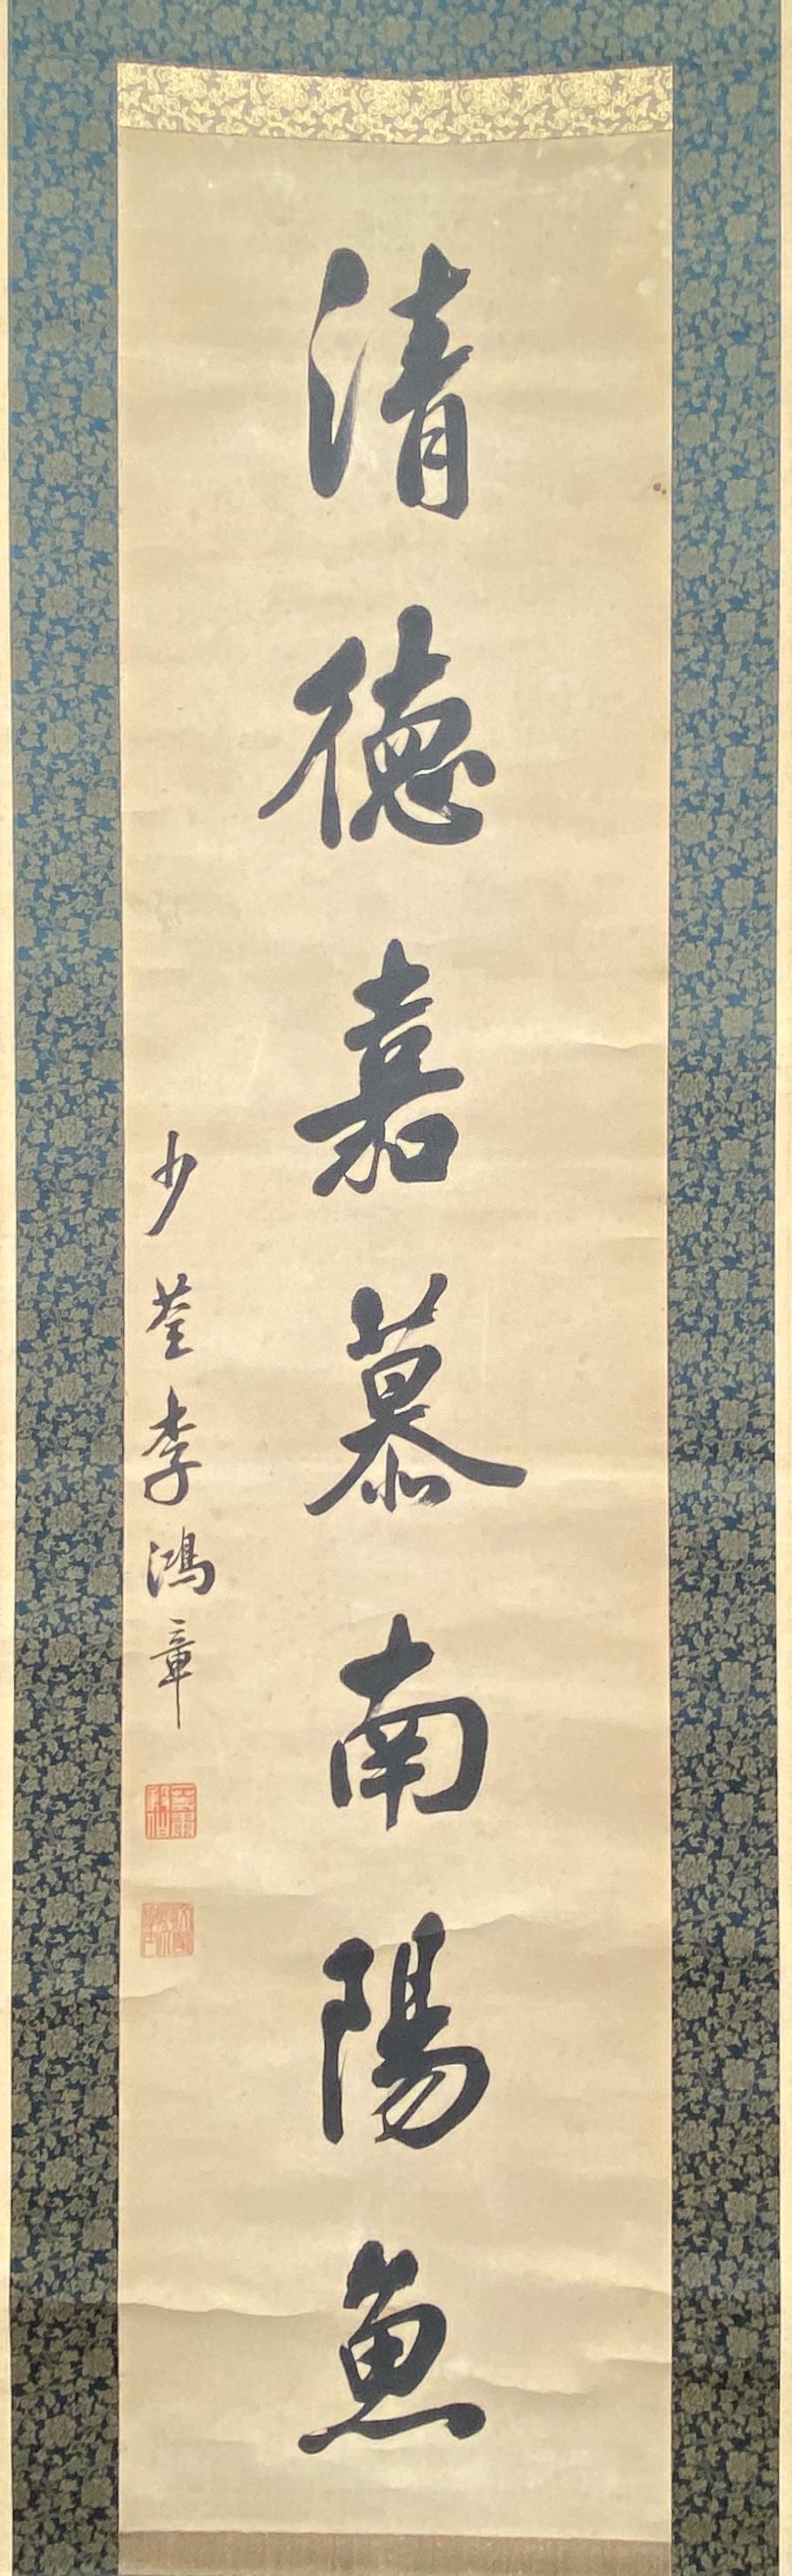 20590「李鴻章」行草書 七言 軸130×30cm